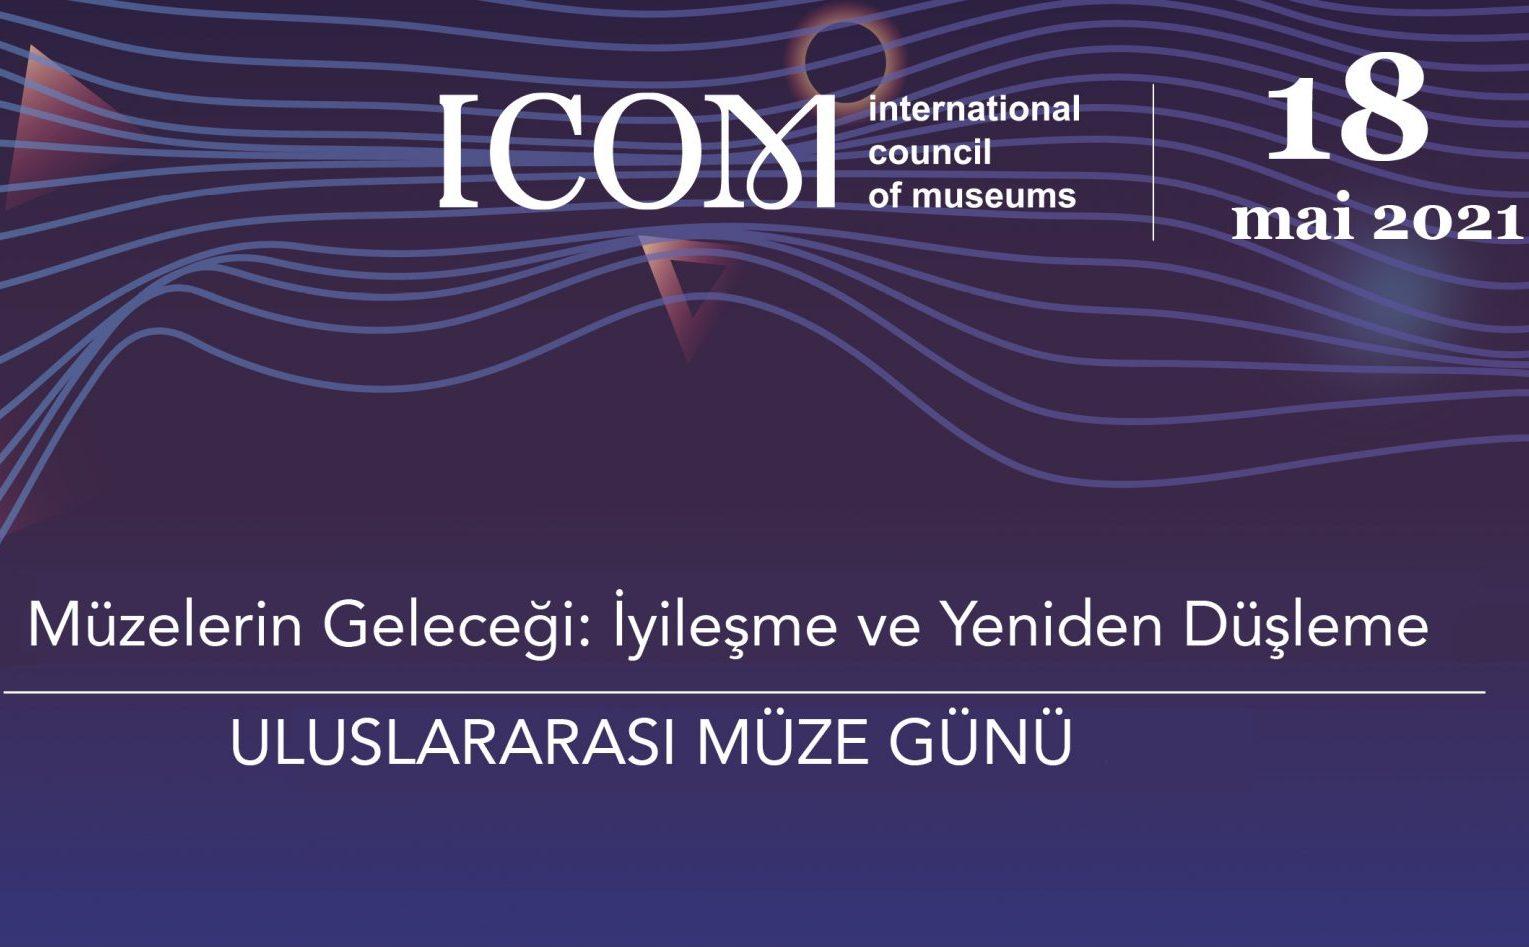 18 Mayıs 2021 Müze Günü